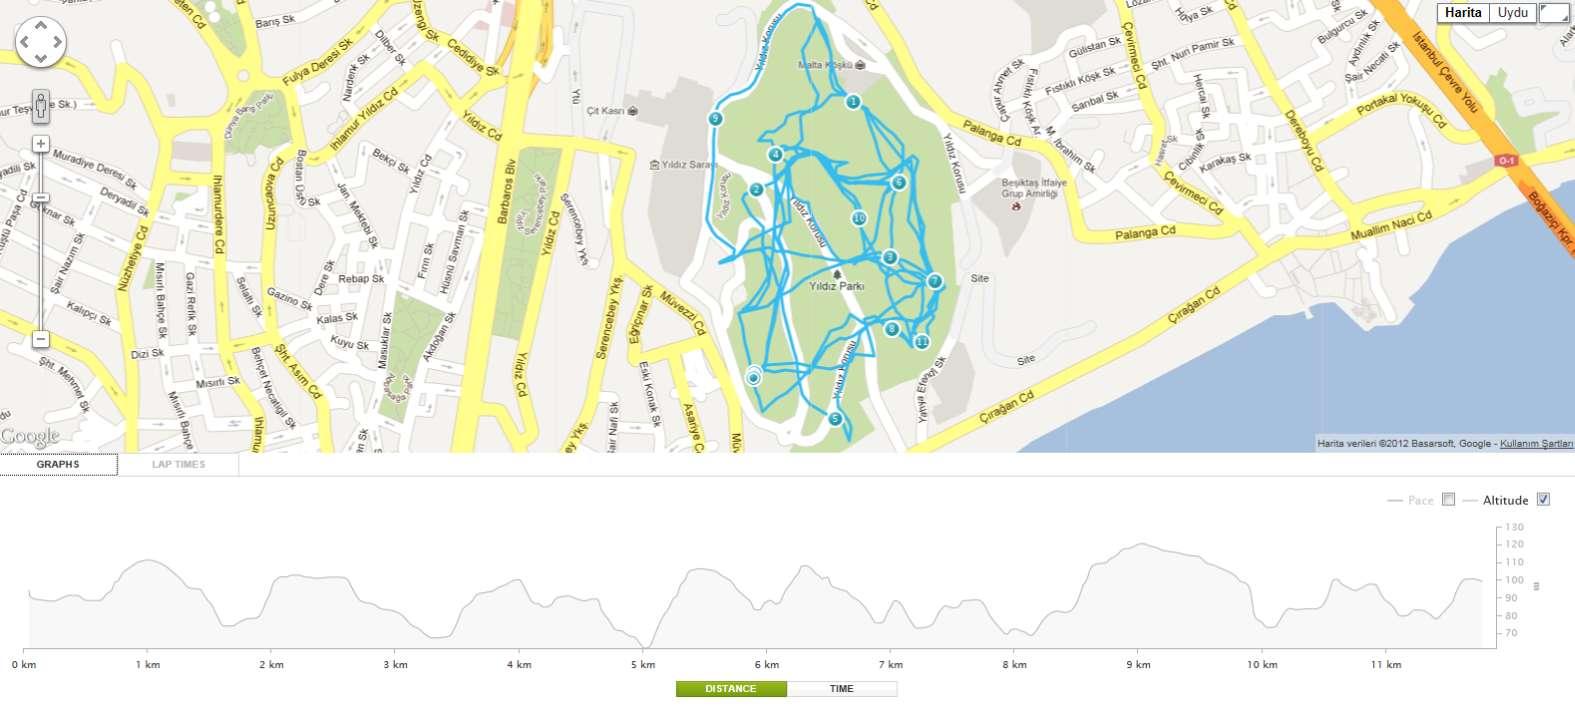 Murat Dündar'ın Uzun Parkur (harita 1-2-3) için GS izi ve yükseklik değişim grafiği. (Endomondo görüntüsü)